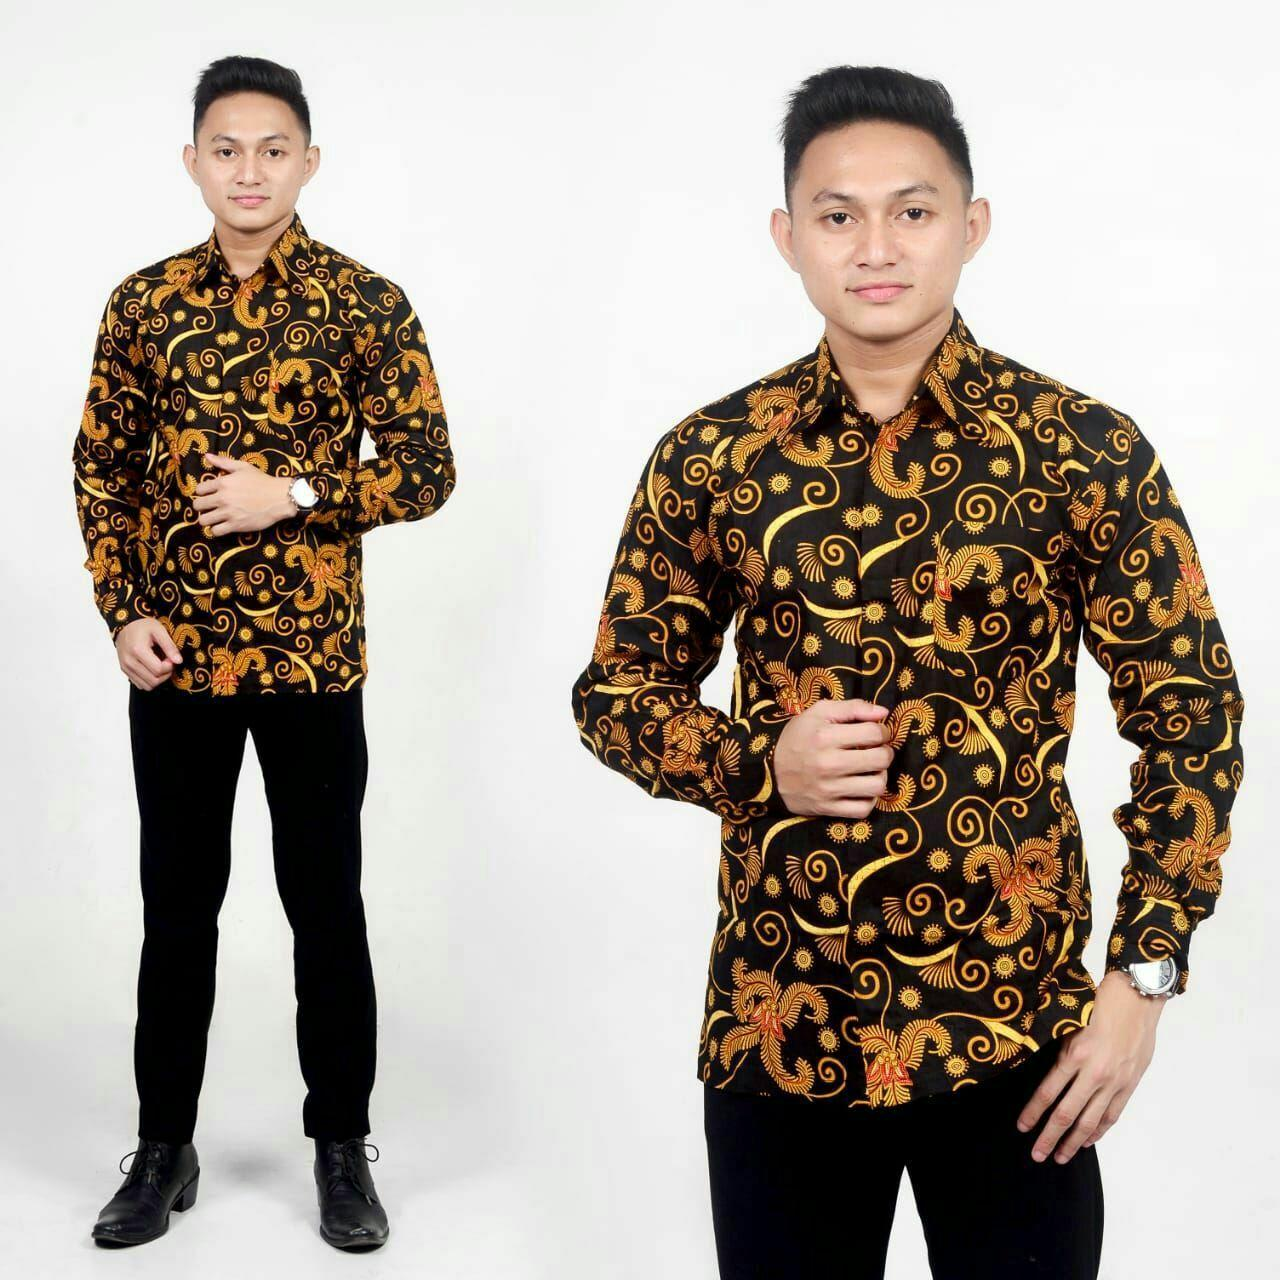 Baju Batik Pria Kemeja Batik Pekalongan Murah Lengan Panjang Motif Salju  Adem New Modern Seragam Pesta Resespsi Kantor Dinas Keren Batikpanjikhamim.store